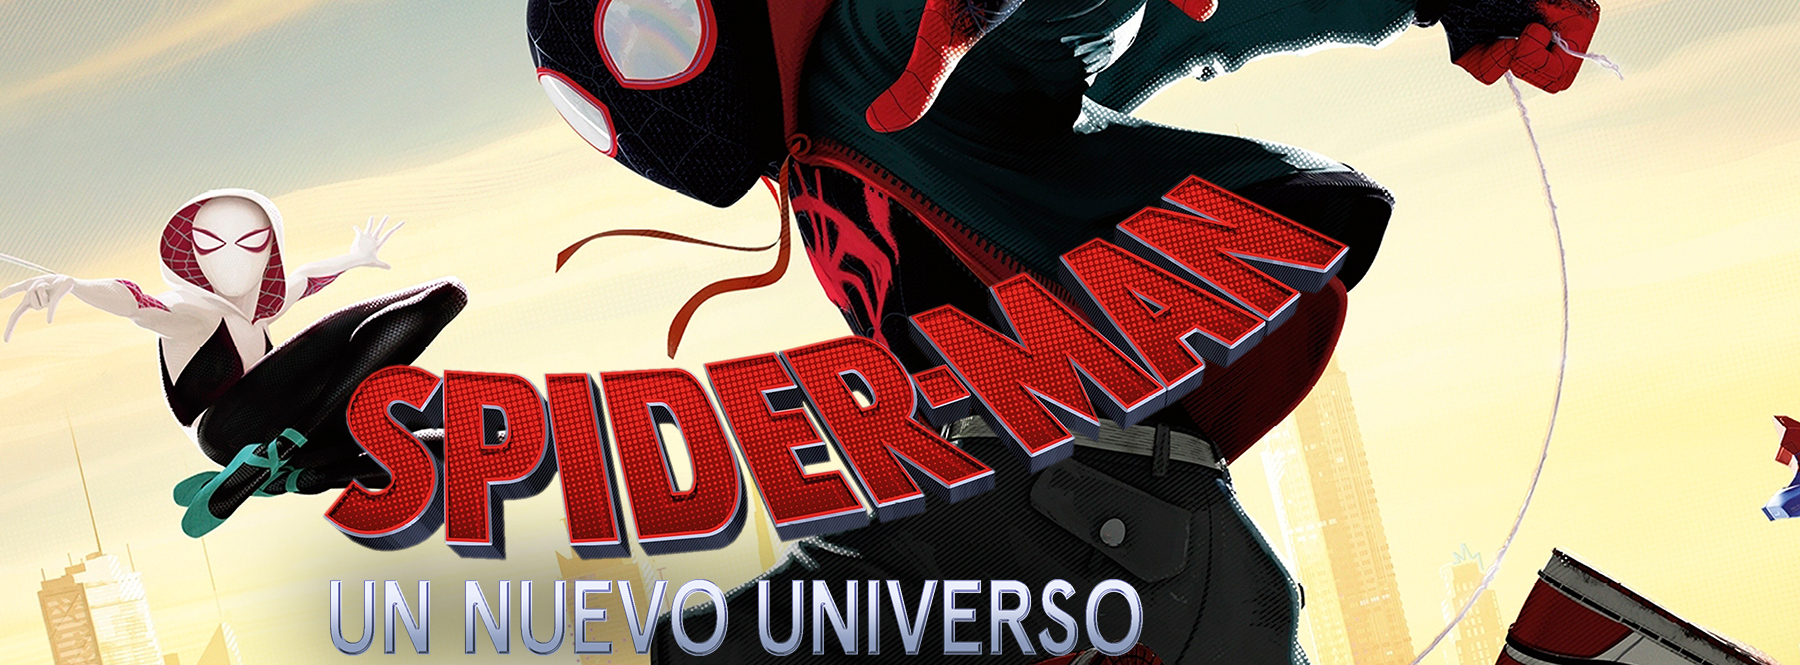 'Spider-Man: un nuevo universo' y el buen uso de la tecnología para «empeorar» la estética visual